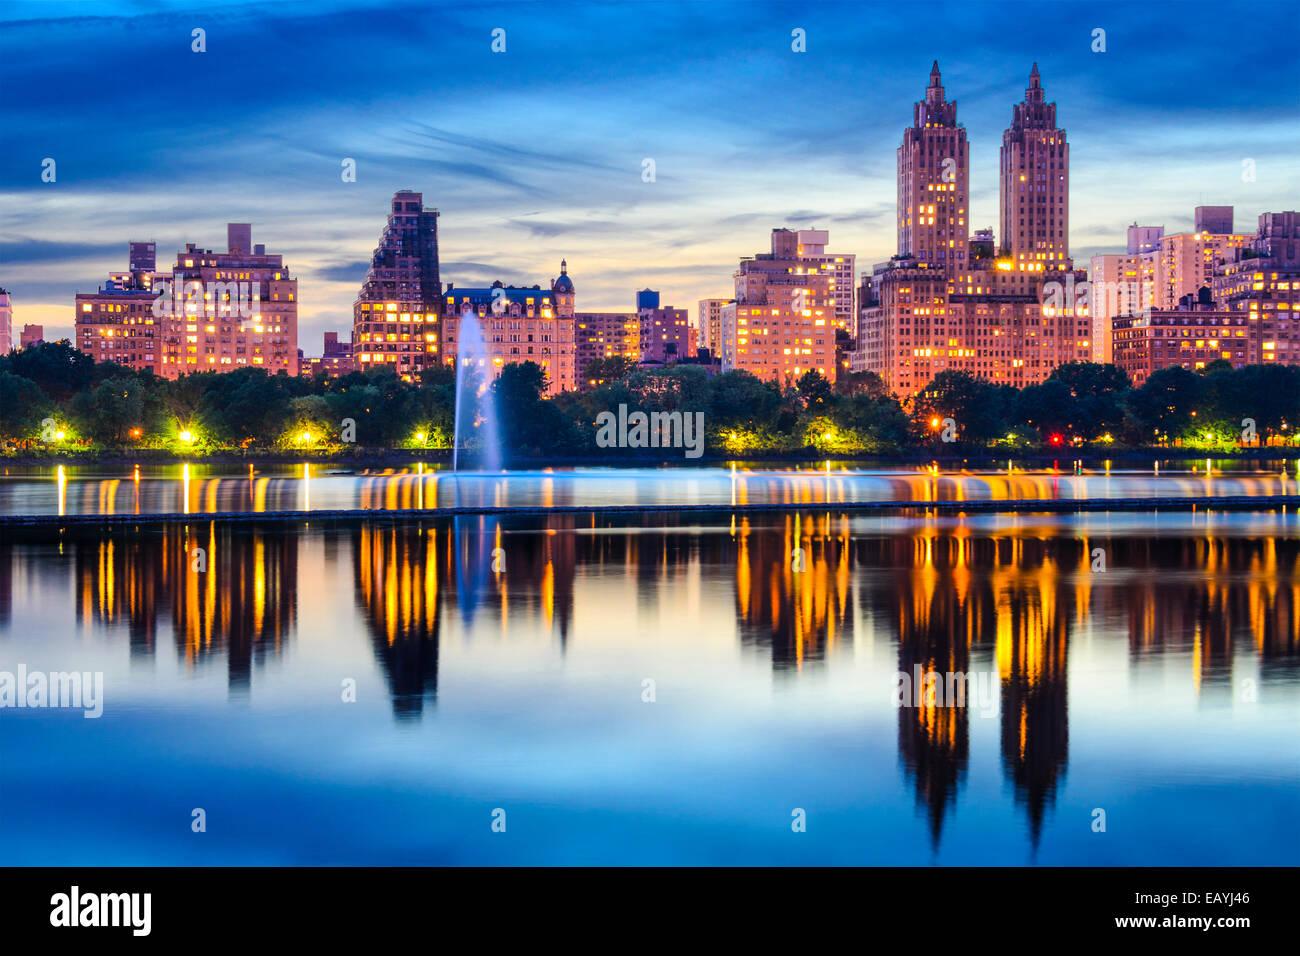 La Ciudad de Nueva York, EE.UU. del paisaje urbano en Central Park Lake. Imagen De Stock